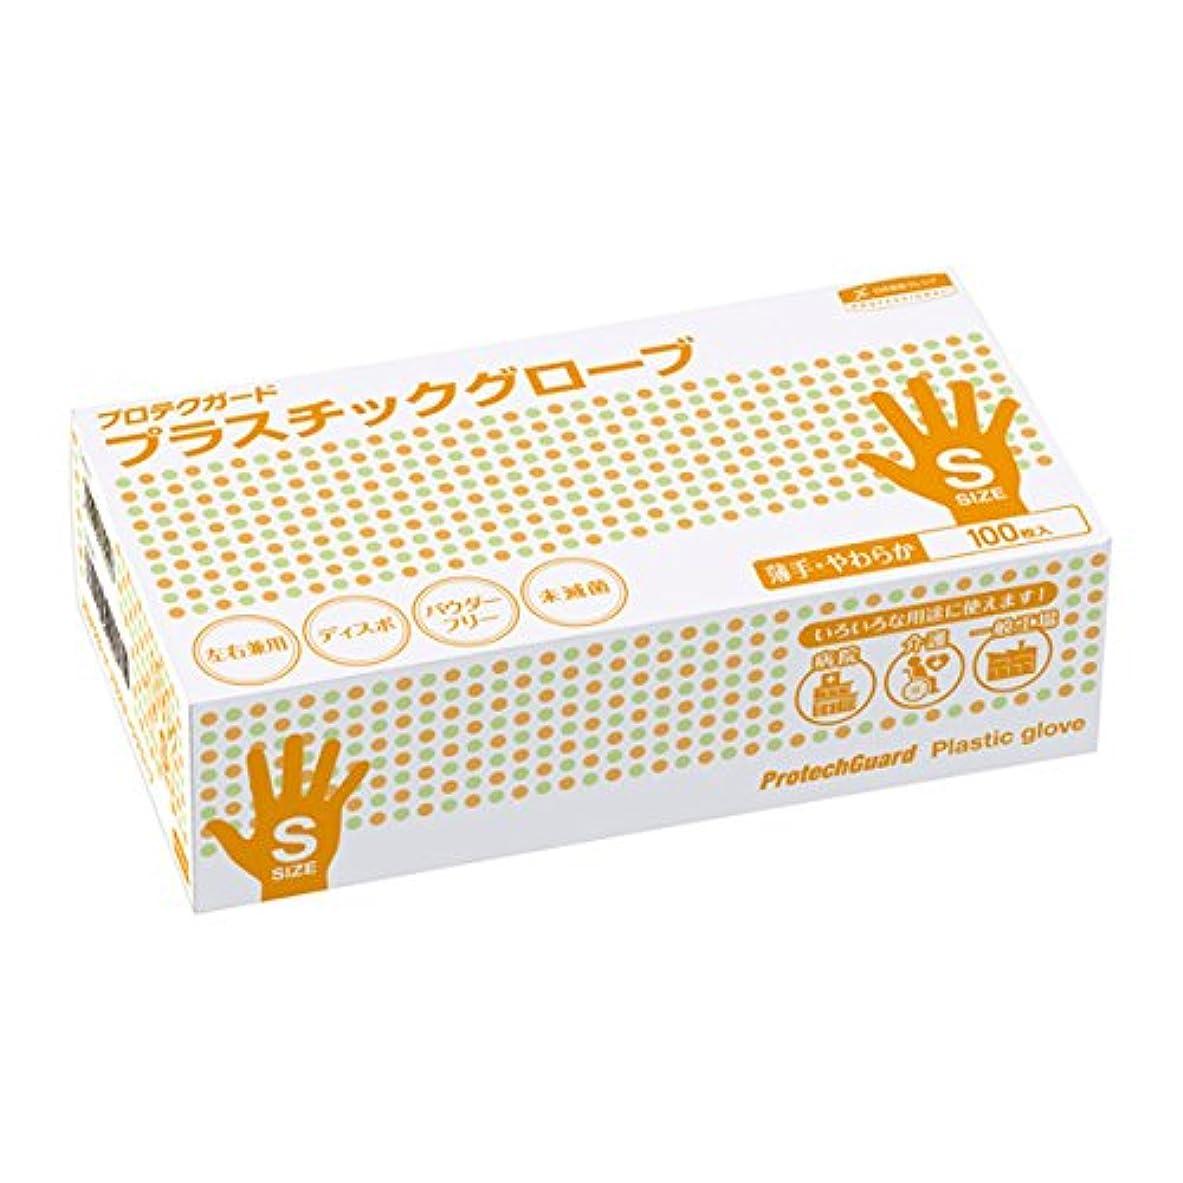 ハミングバード先生親密な日本製紙クレシア:プロテクガード プラスチックグローブ Sサイズ 100枚×10ボックス